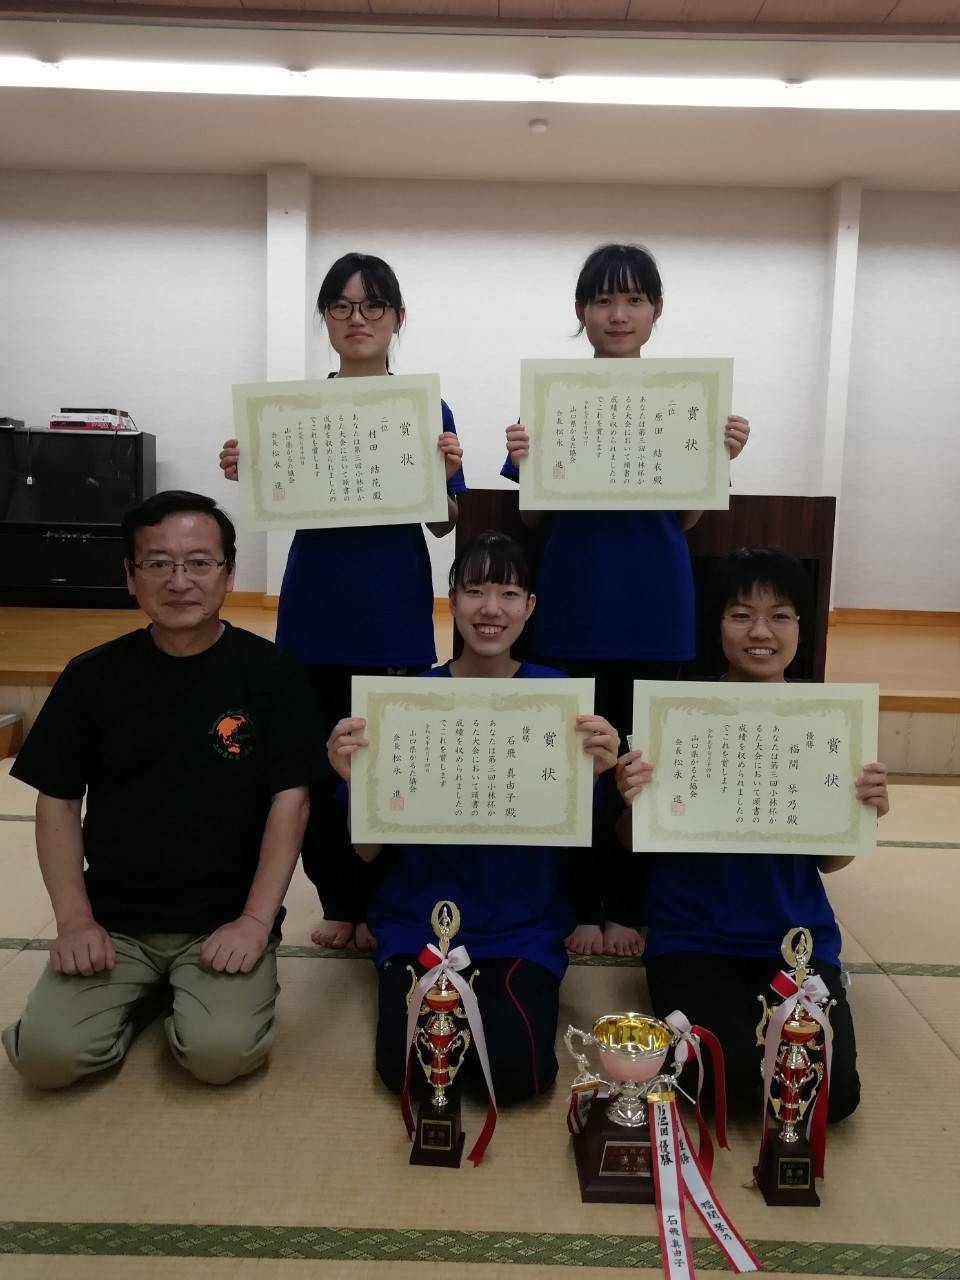 第3回 小林杯(山口県D級選手権)